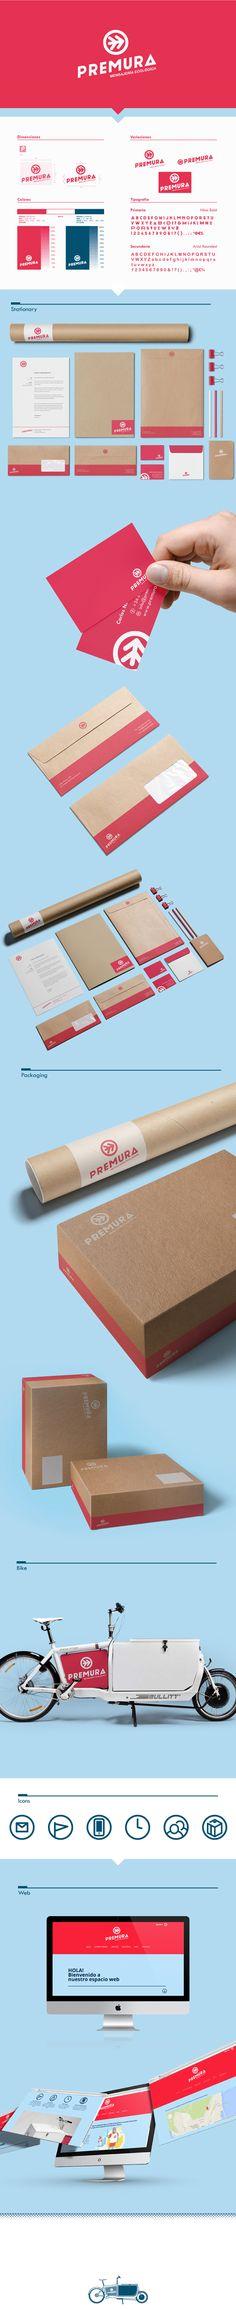 Unique Branding Design, Premura #Branding #Design (http://www.pinterest.com/aldenchong/)